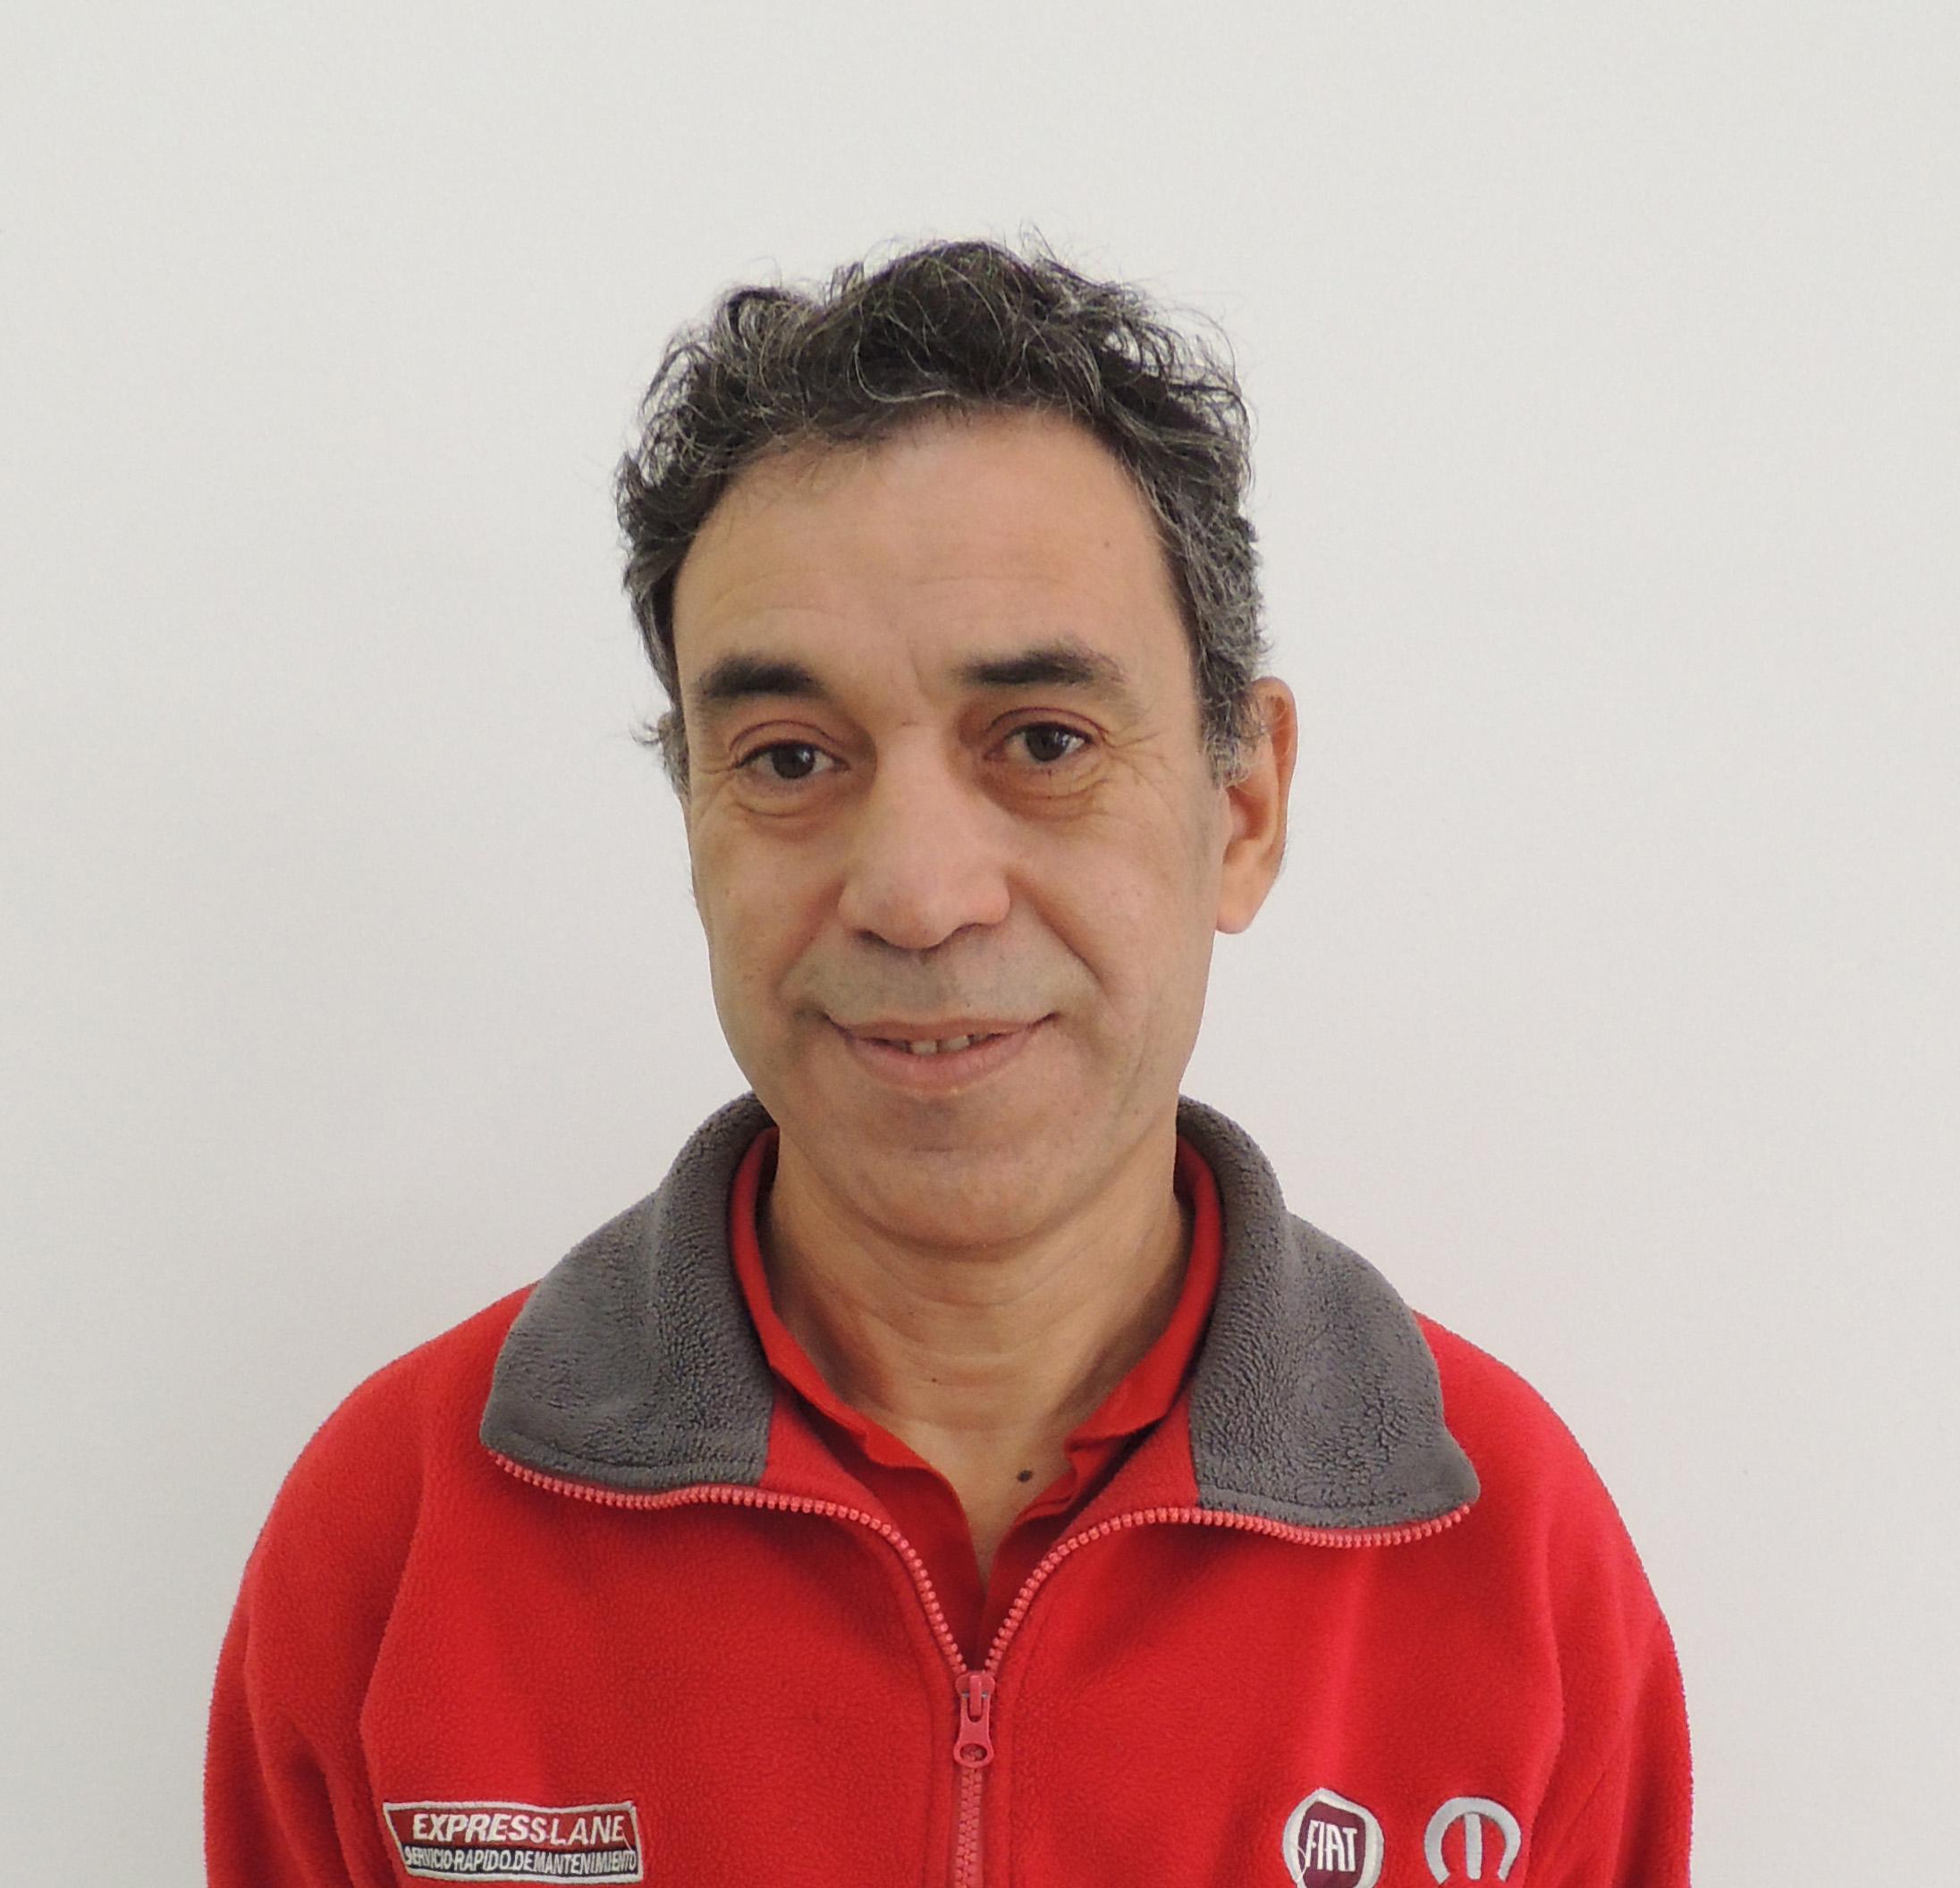 Ricardo Iguri